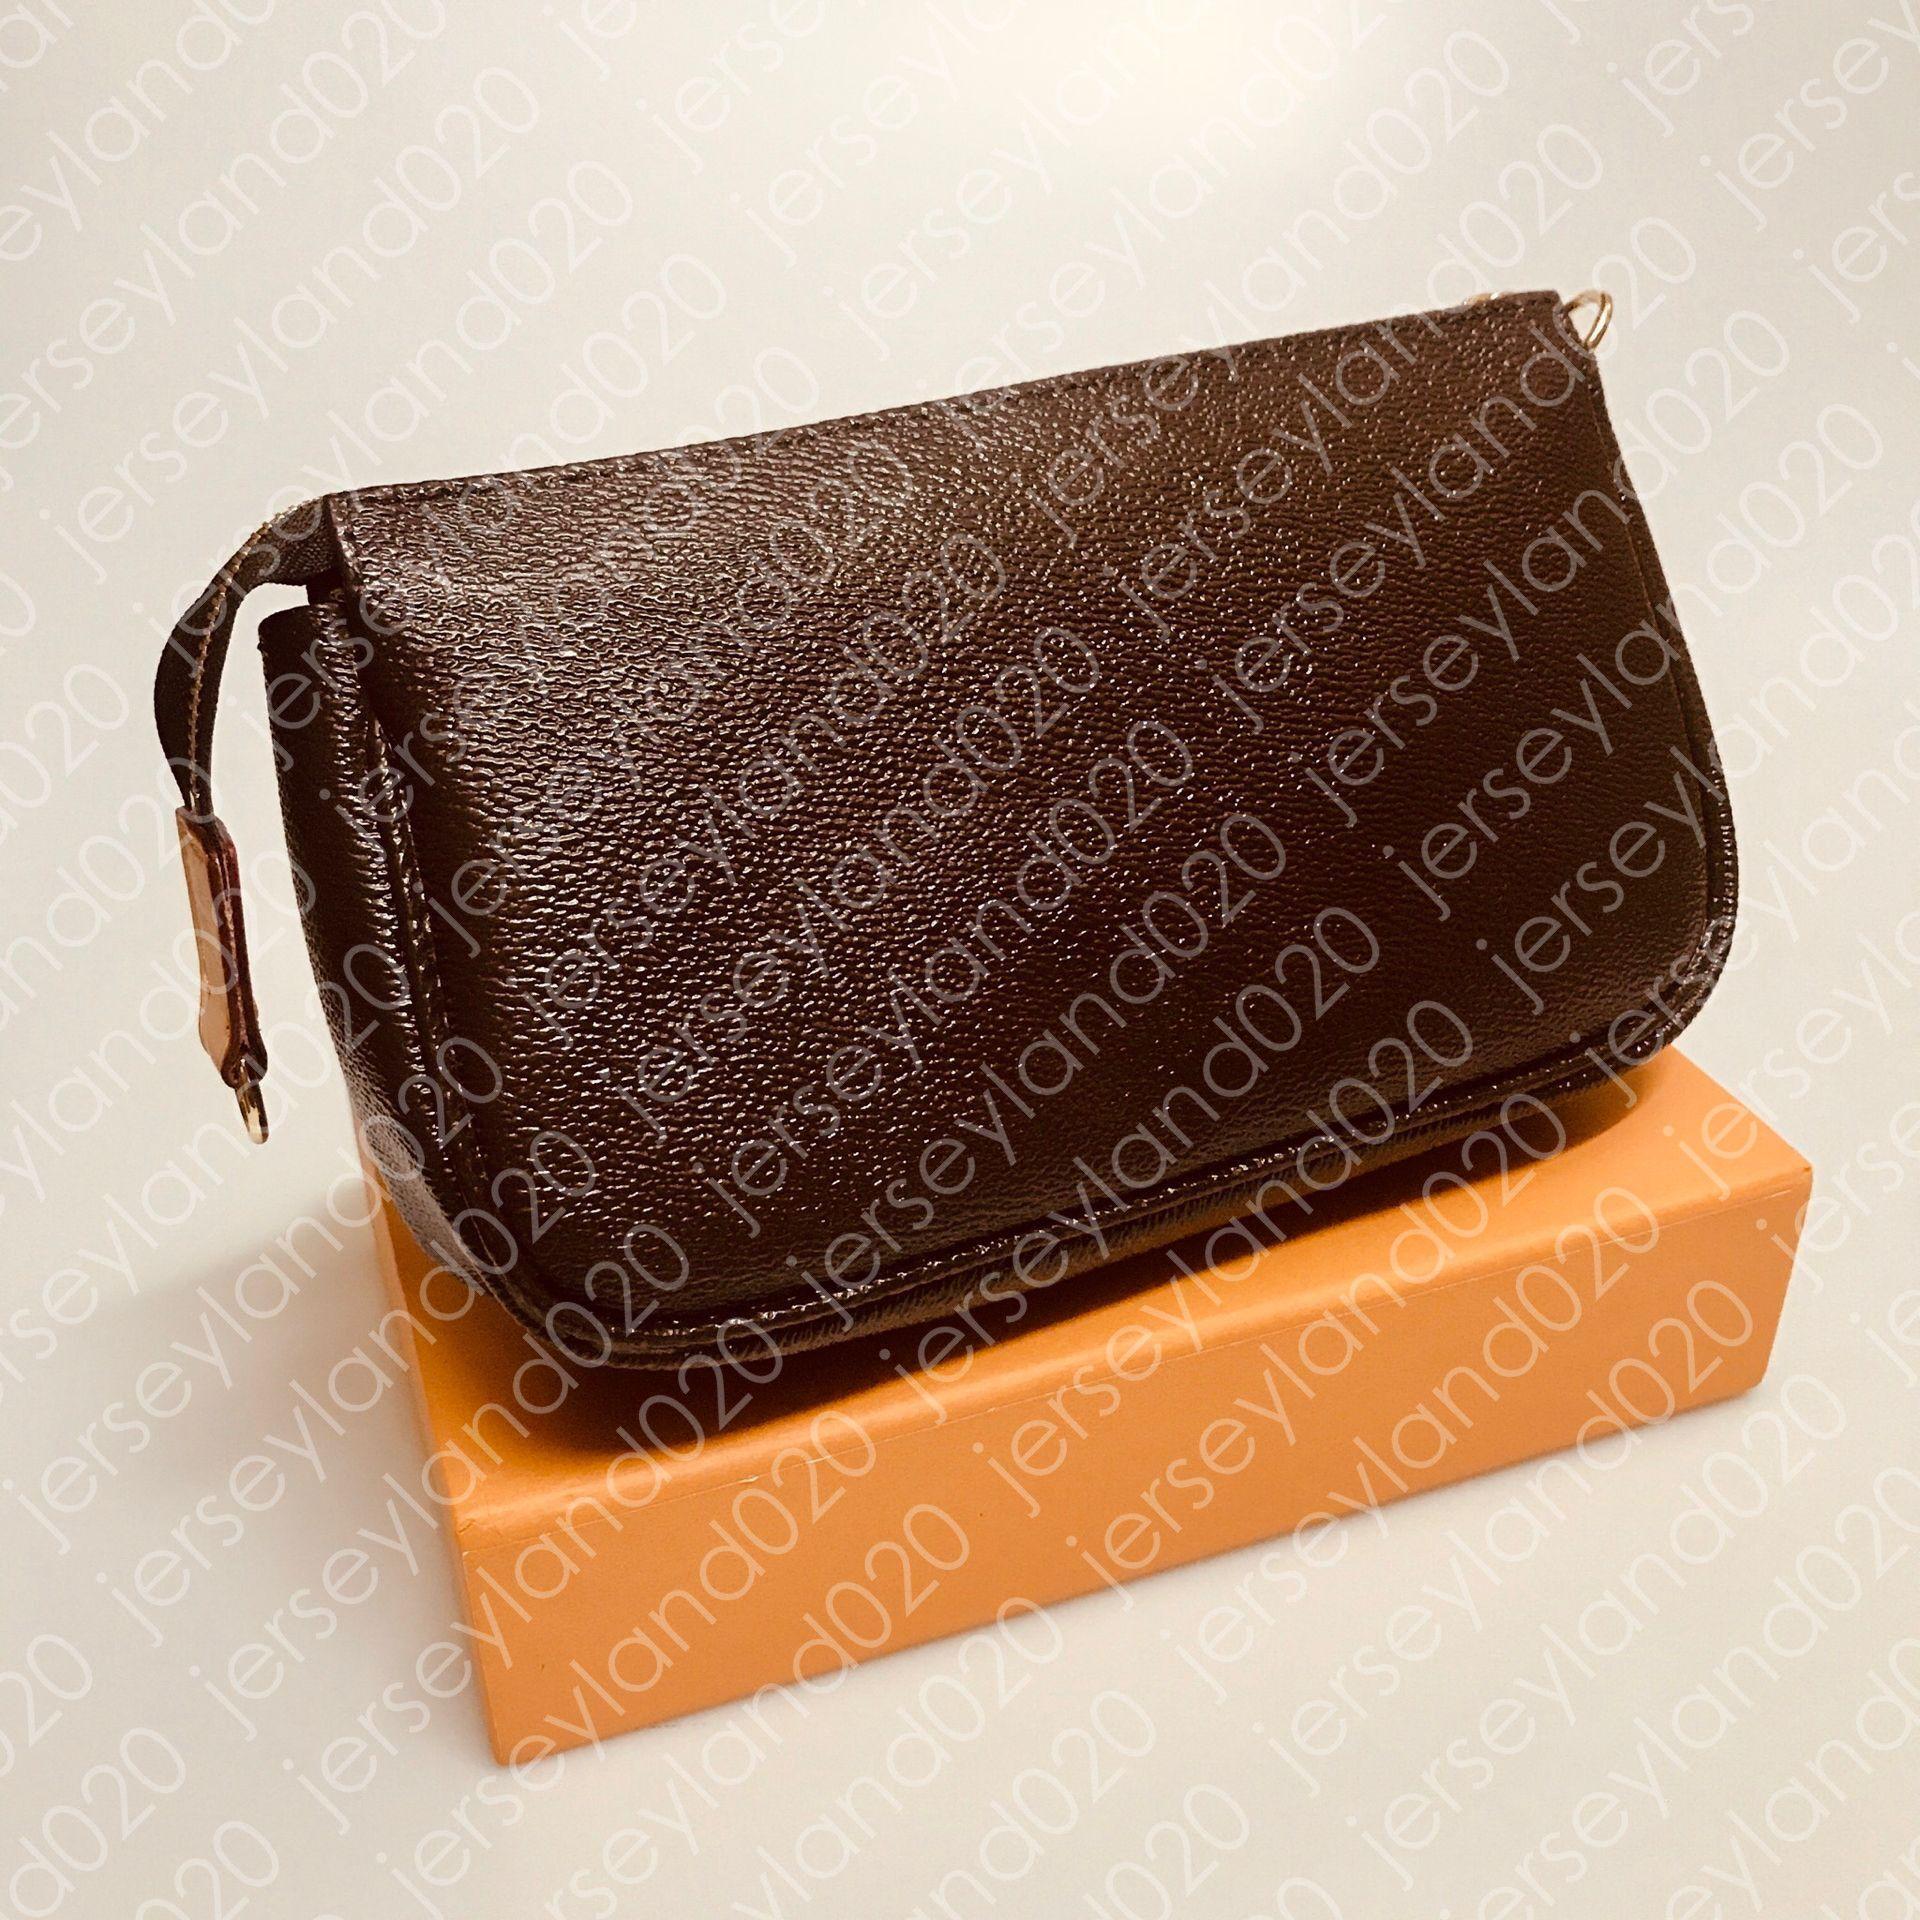 مصغرة بوشيه اكسسوارات M51980 إمرأة مصمم الأزياء مخلب مساء حقيبة يد حقيبة صغيرة فاخرة الكتف حقيبة الهاتف محفظة قماش